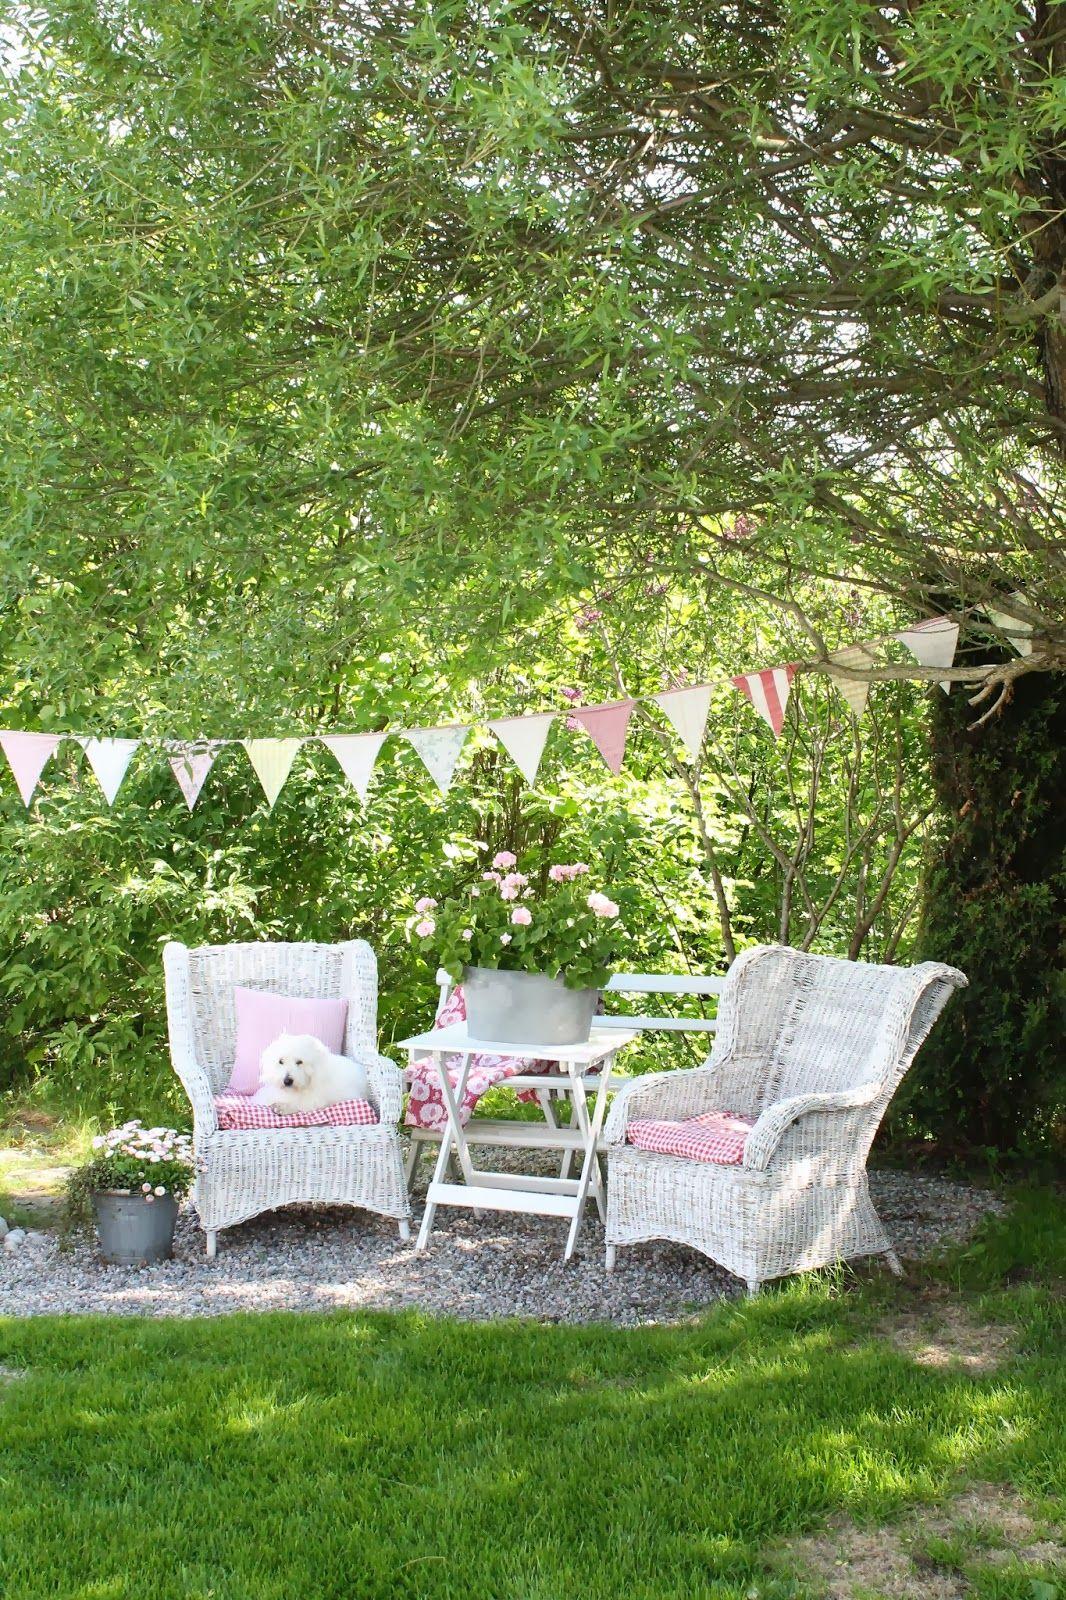 Shabby chic garden | Garden | Pinterest | Gardens, Dream garden and ...